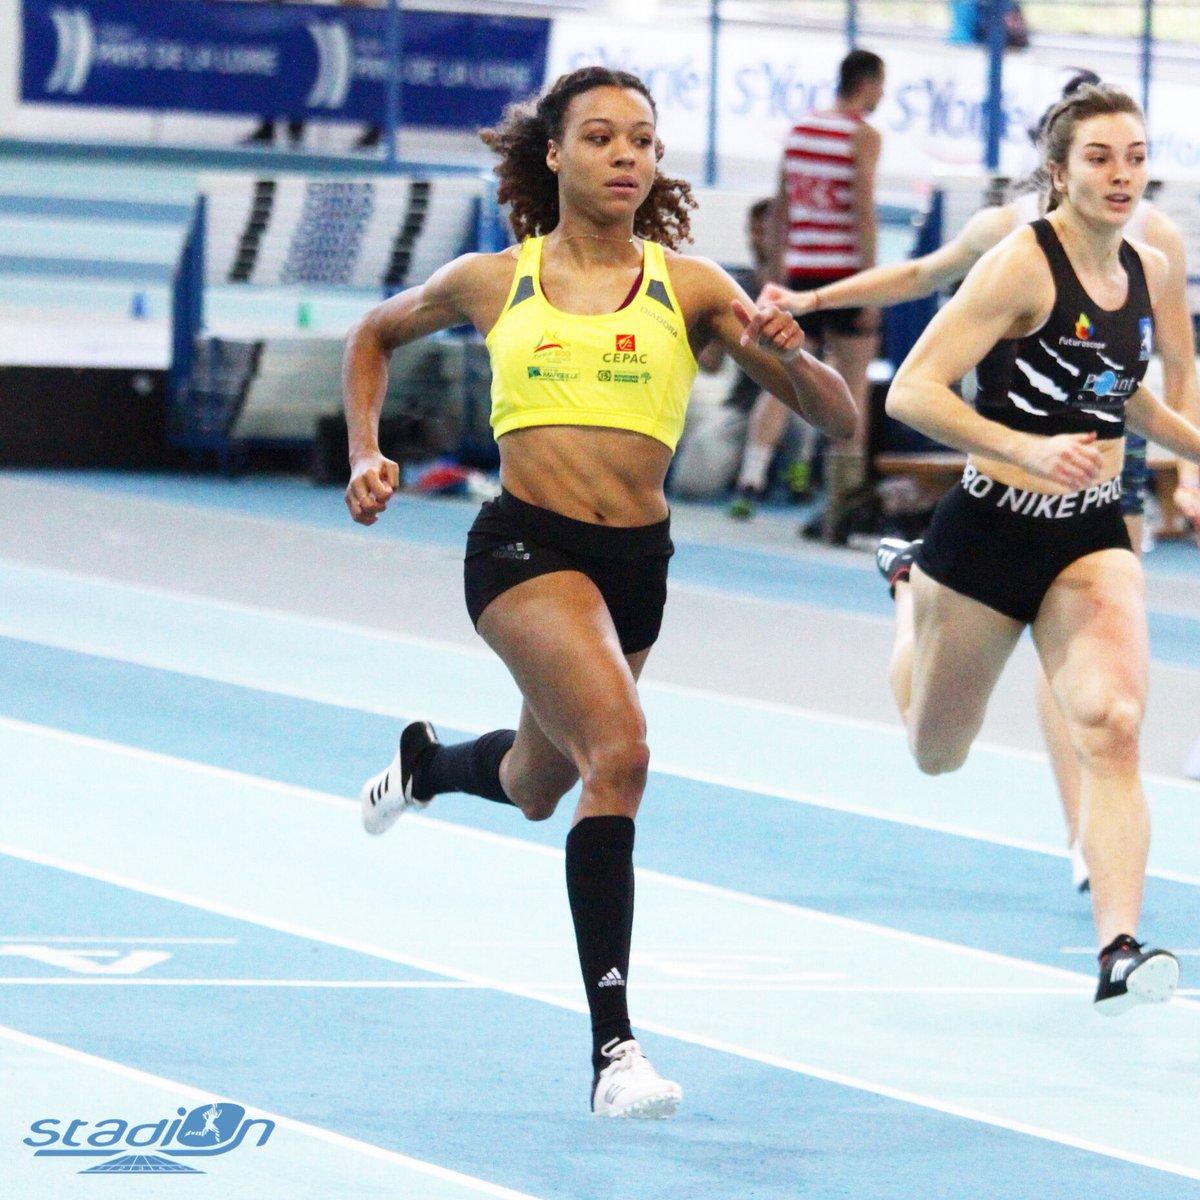 🇫🇷 Quelle ligne droite de Cynthia Leduc en finale du 60 m espoirs (7''34) ! La sociétaire de la @SCOMarseille a battu son record personnel en demi-finales avec 7''29. #athlétisme #CFAthlé